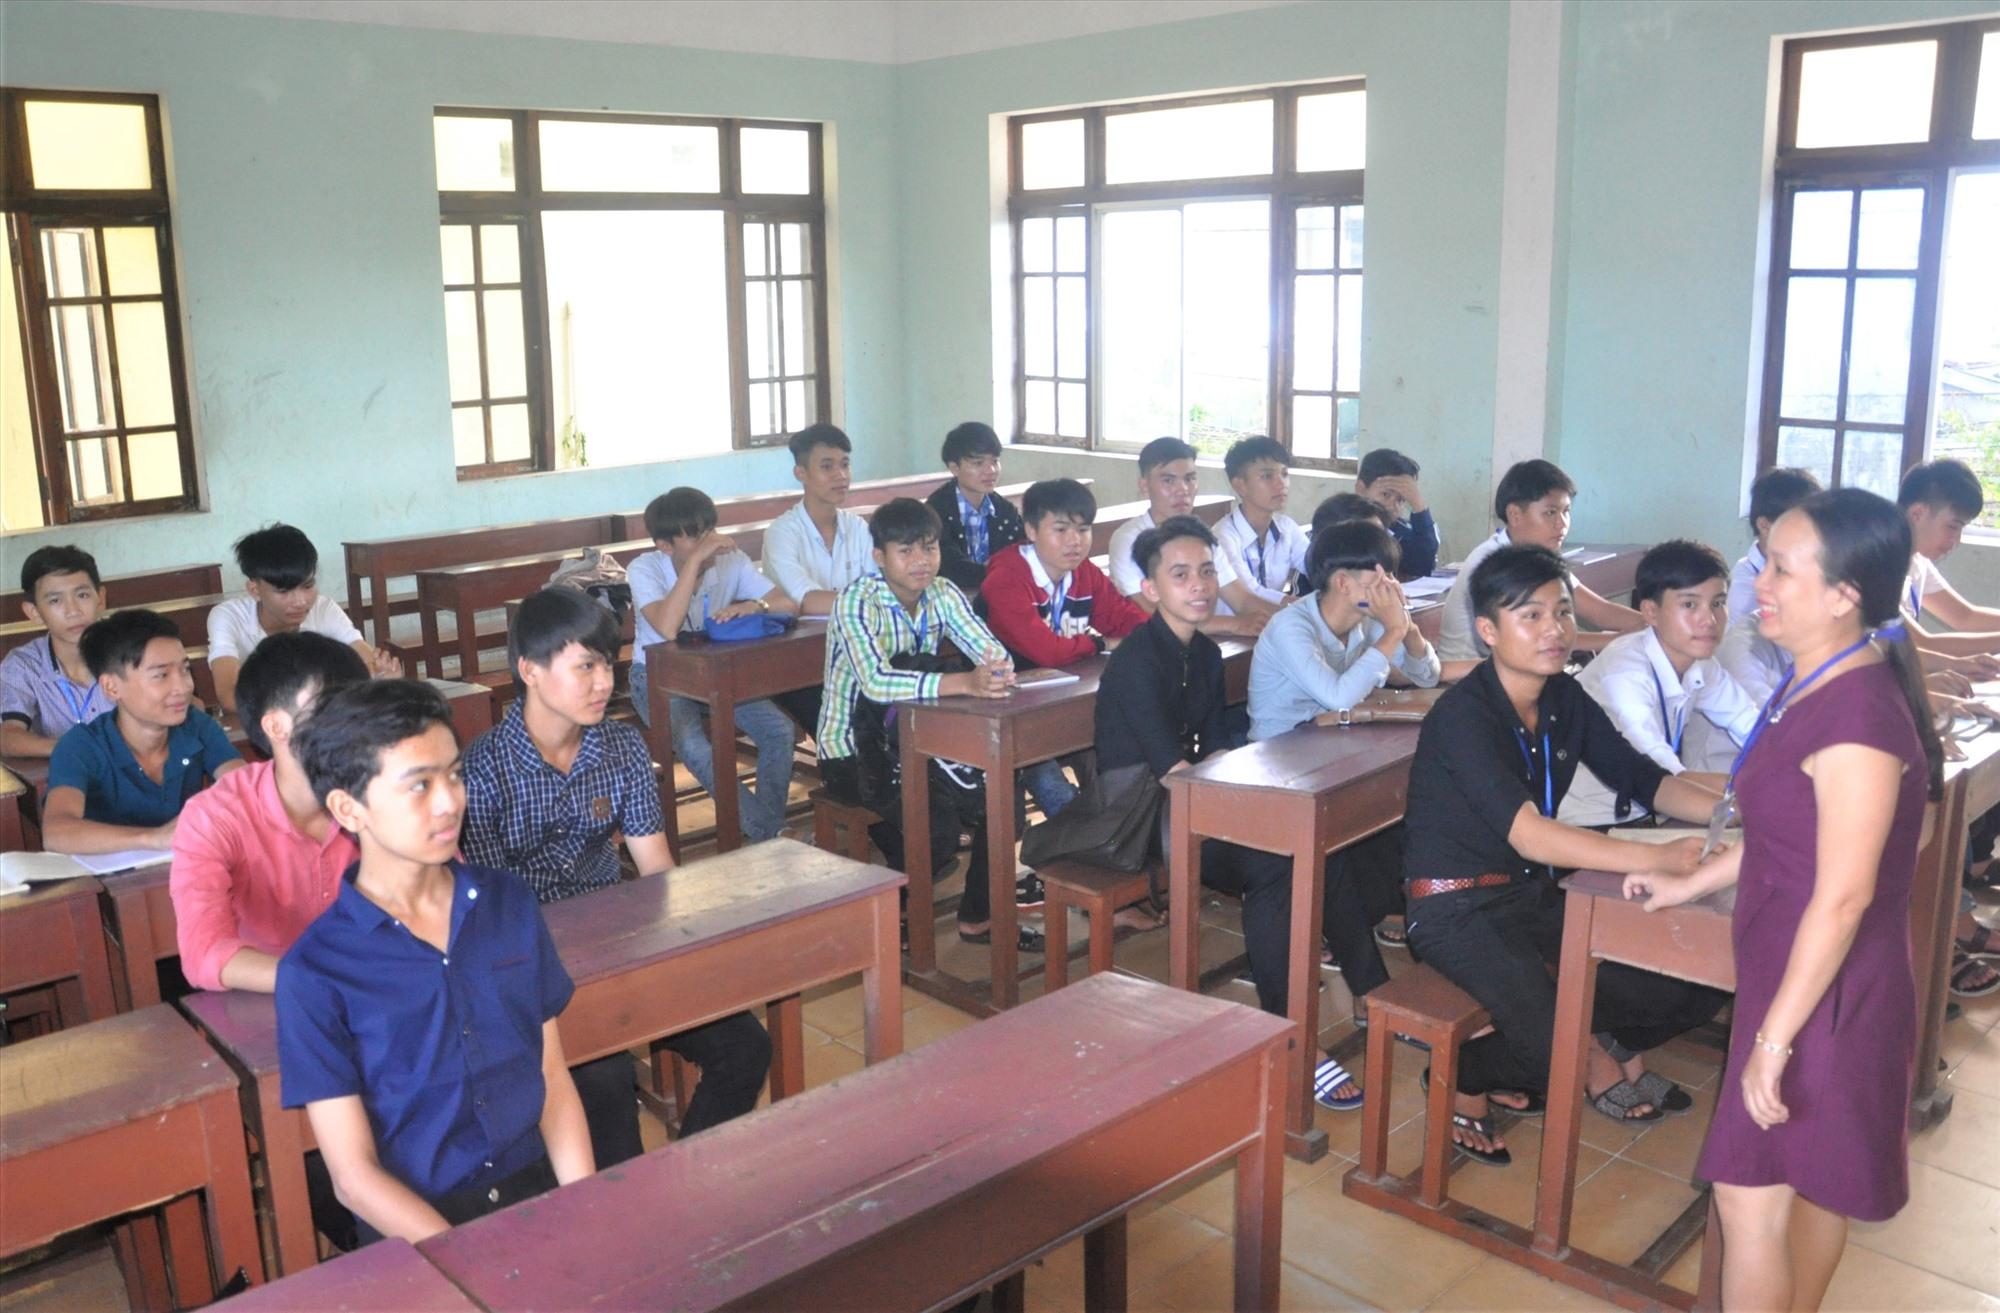 Học sinh sau khi tốt nghiệp THCS theo học tại Trường Cao đẳng Kinh tế kỹ thuật Quảng Nam. Ảnh: X.P